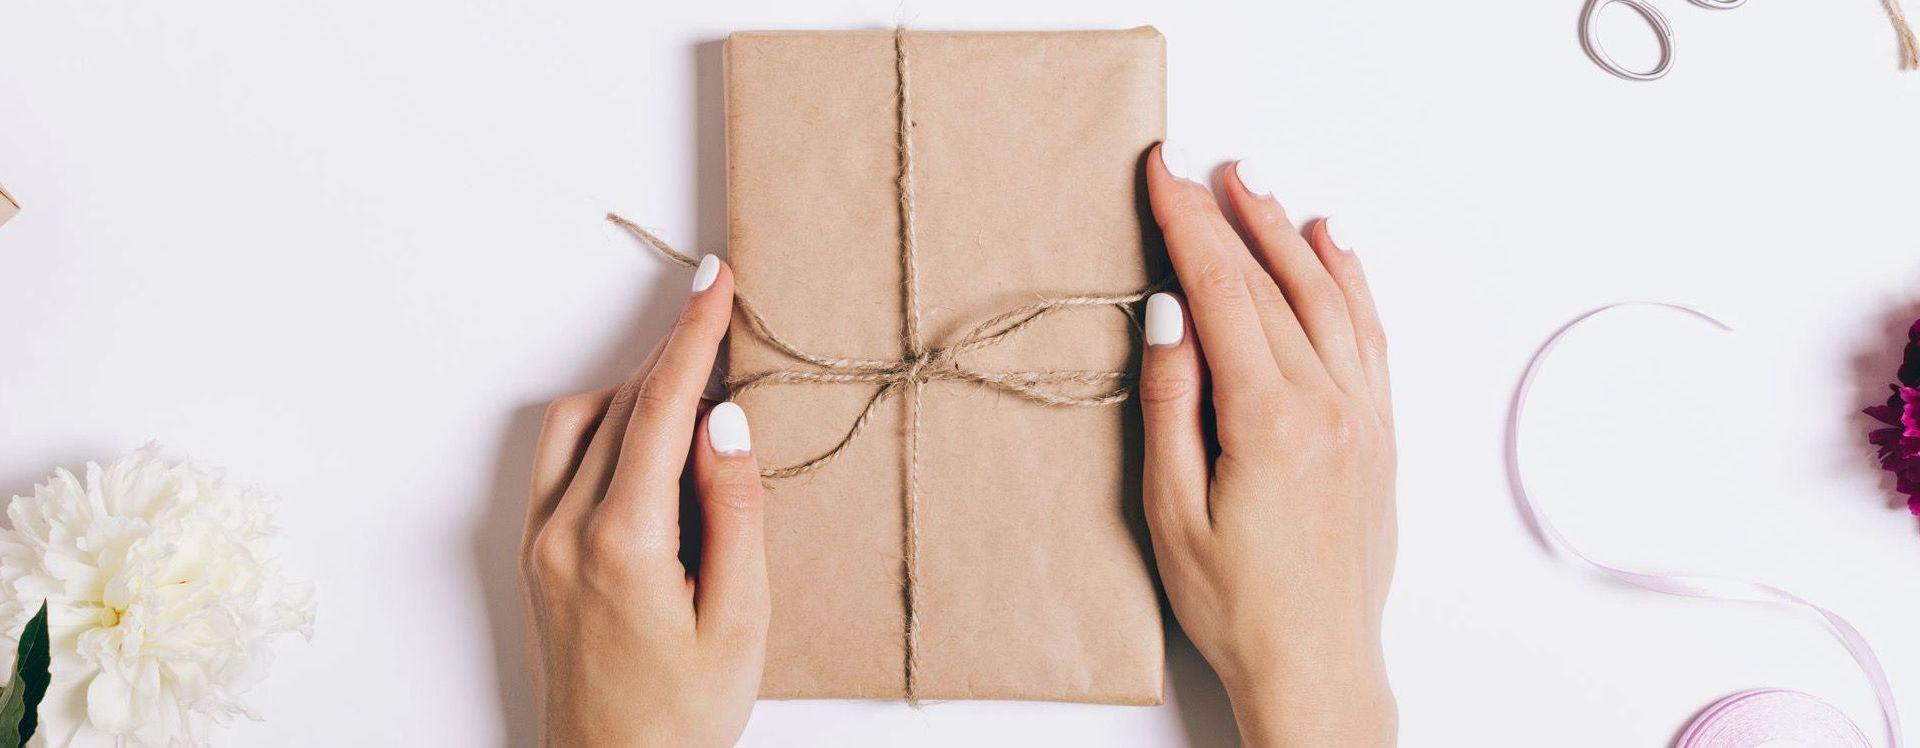 idee-per-regali